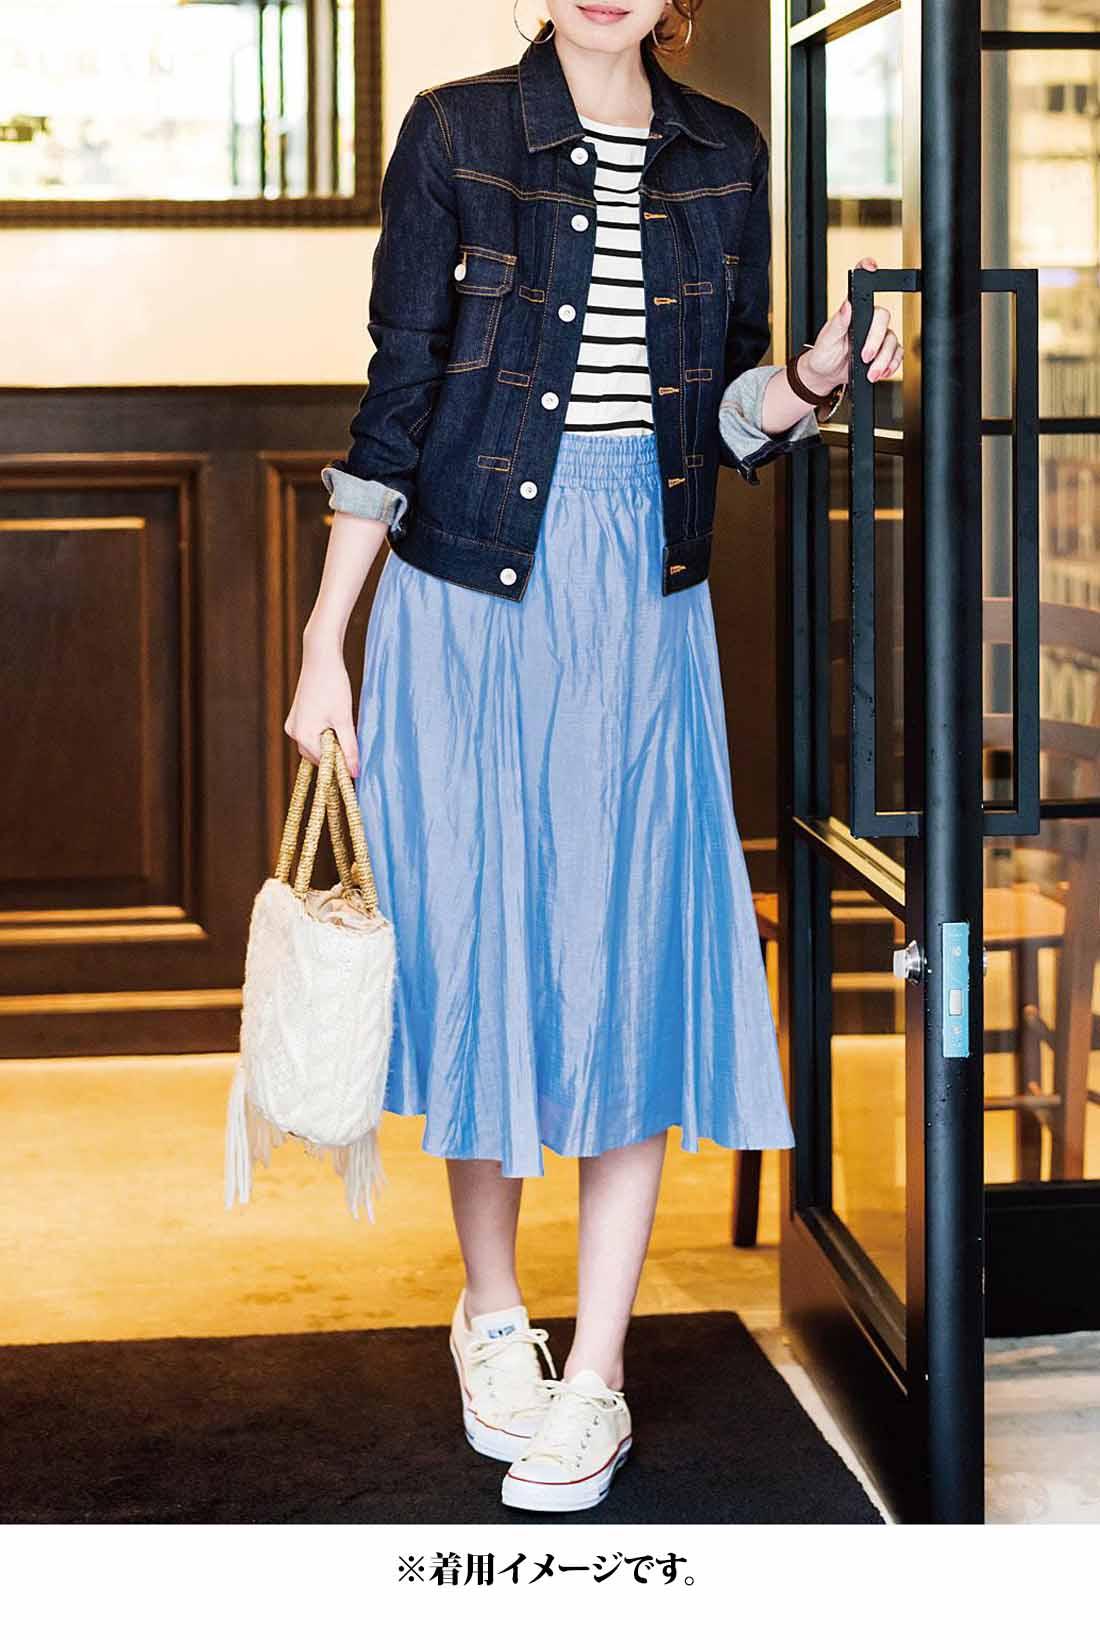 ふんわりかわいいスカートを、美シルエットのGジャンが軽やかにカジュアルダウン。きれいめなリジットデニム風のネイビーがコーデの引き締めや抜け感調整にも活躍します。